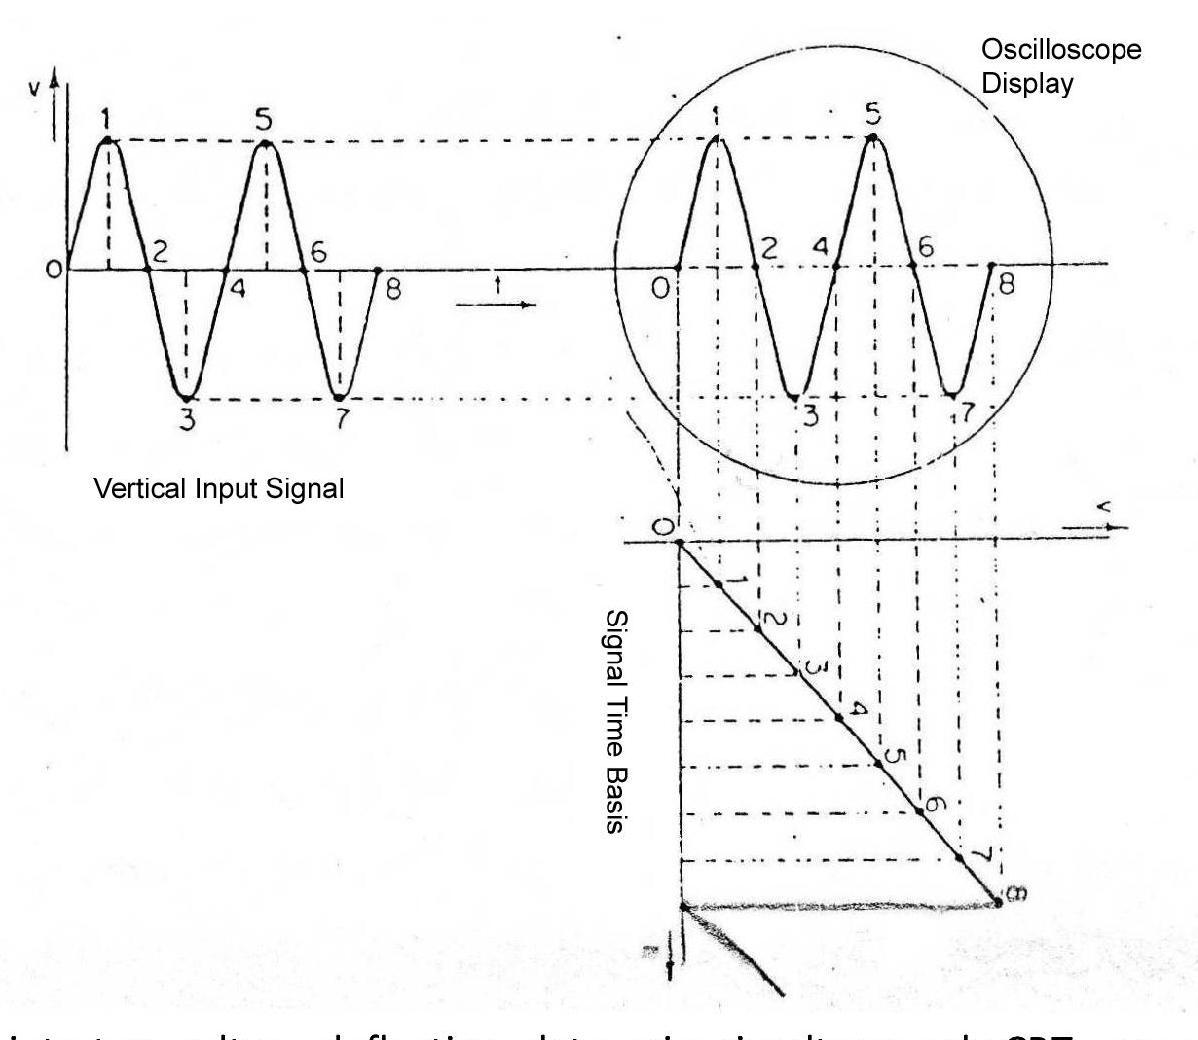 operation of cathode ray oscilloscope